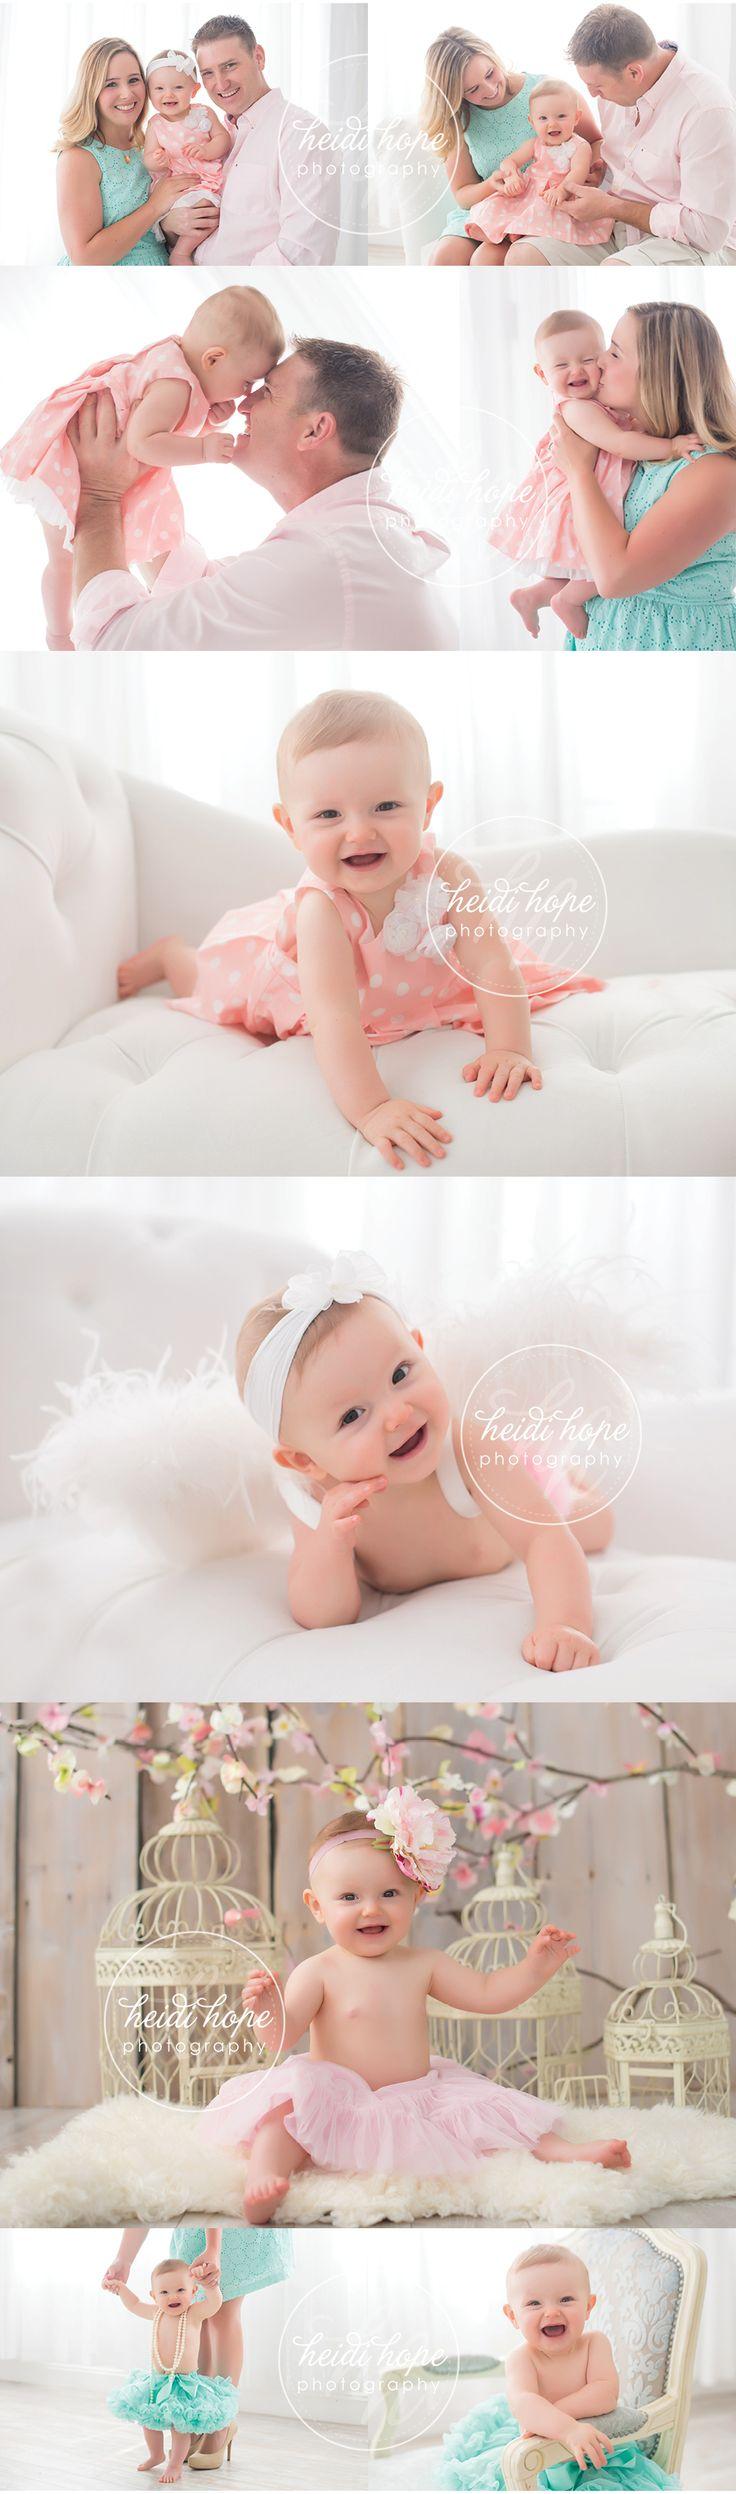 Little Angel's 6 Month Session! #familyportrait #allsmiles #littleangel…